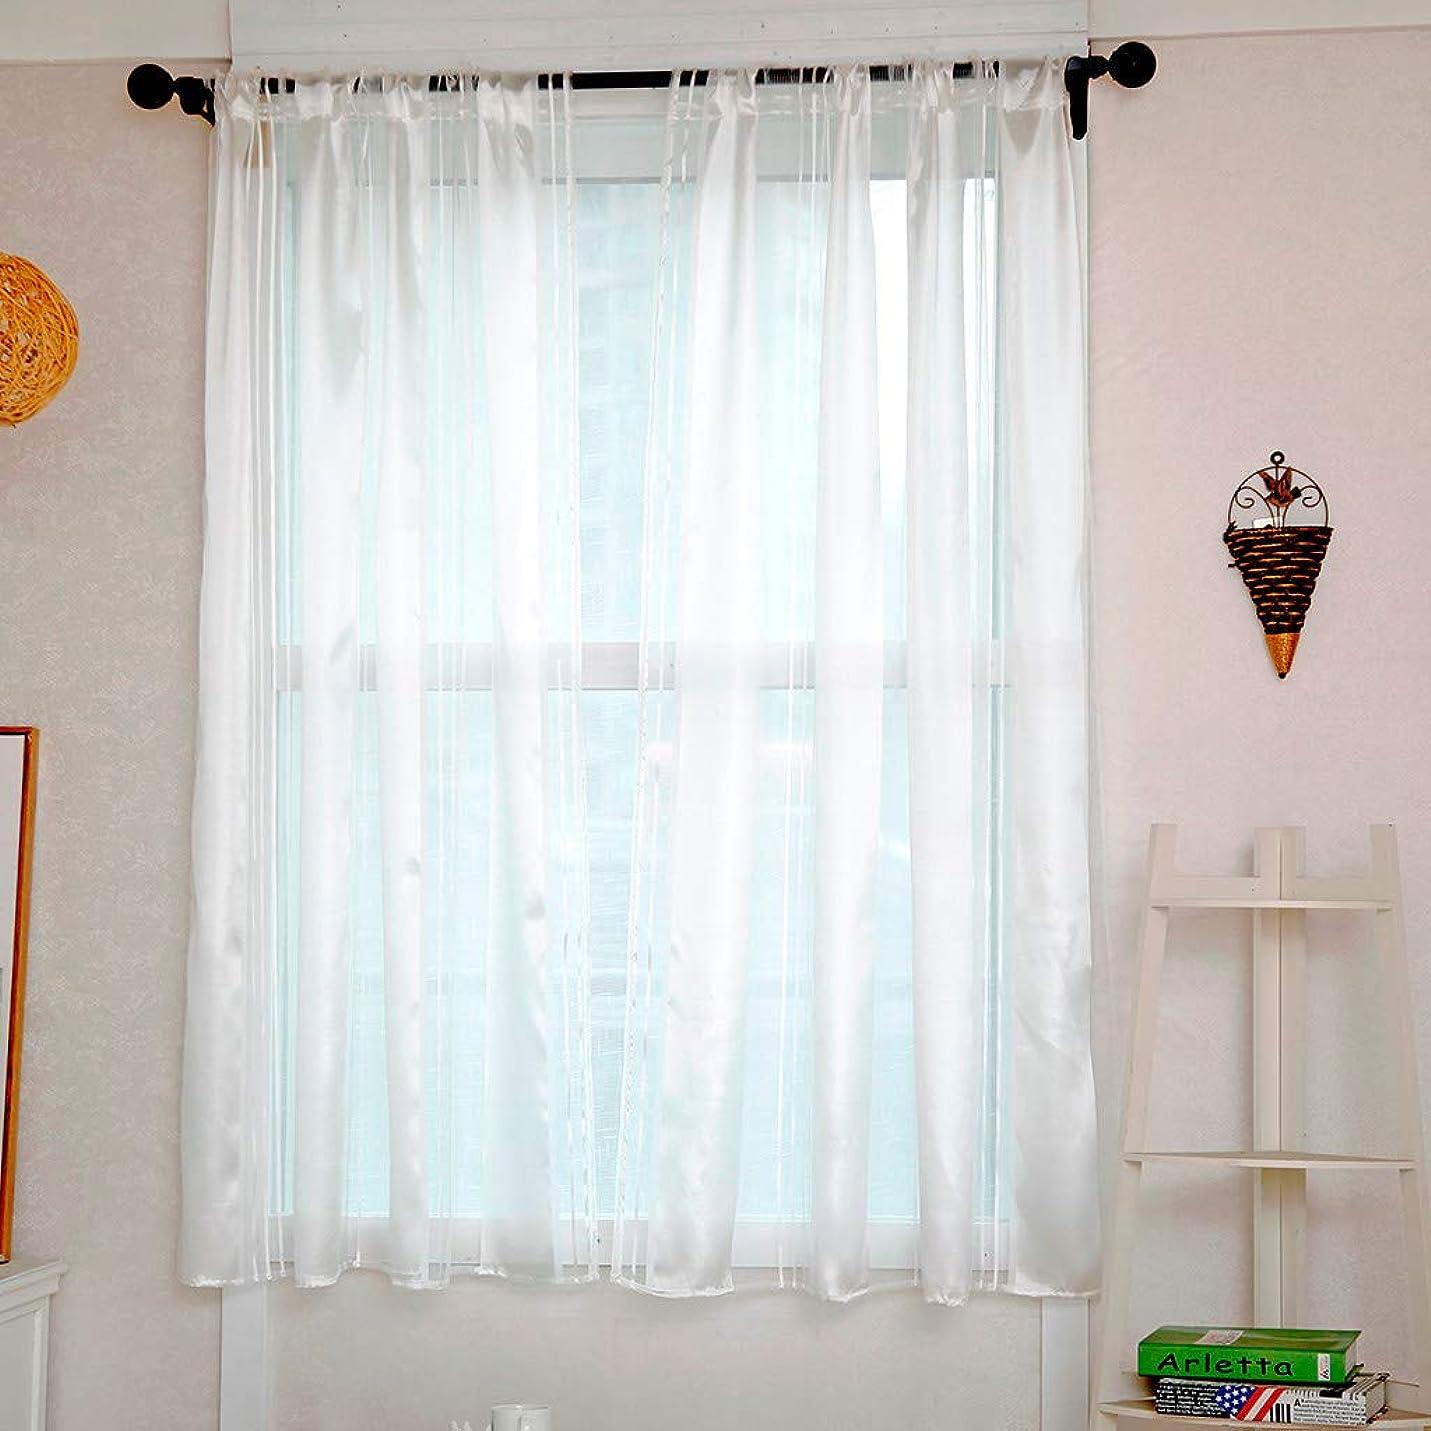 処方する彼らのパートナーFarantasyカーテン 葉薄手のカーテンチュールウィンドウトリートメントボイルドレープバランス1パネル生地レースカーテン 1級遮光 防音 遮音 リビング用 遮熱 断熱 北欧 セット 寝室 カーテンセット ドレープカーテン UVカット リビングルームベッドルームバスルームオフィスコーヒーショップカーテン 130x100cm